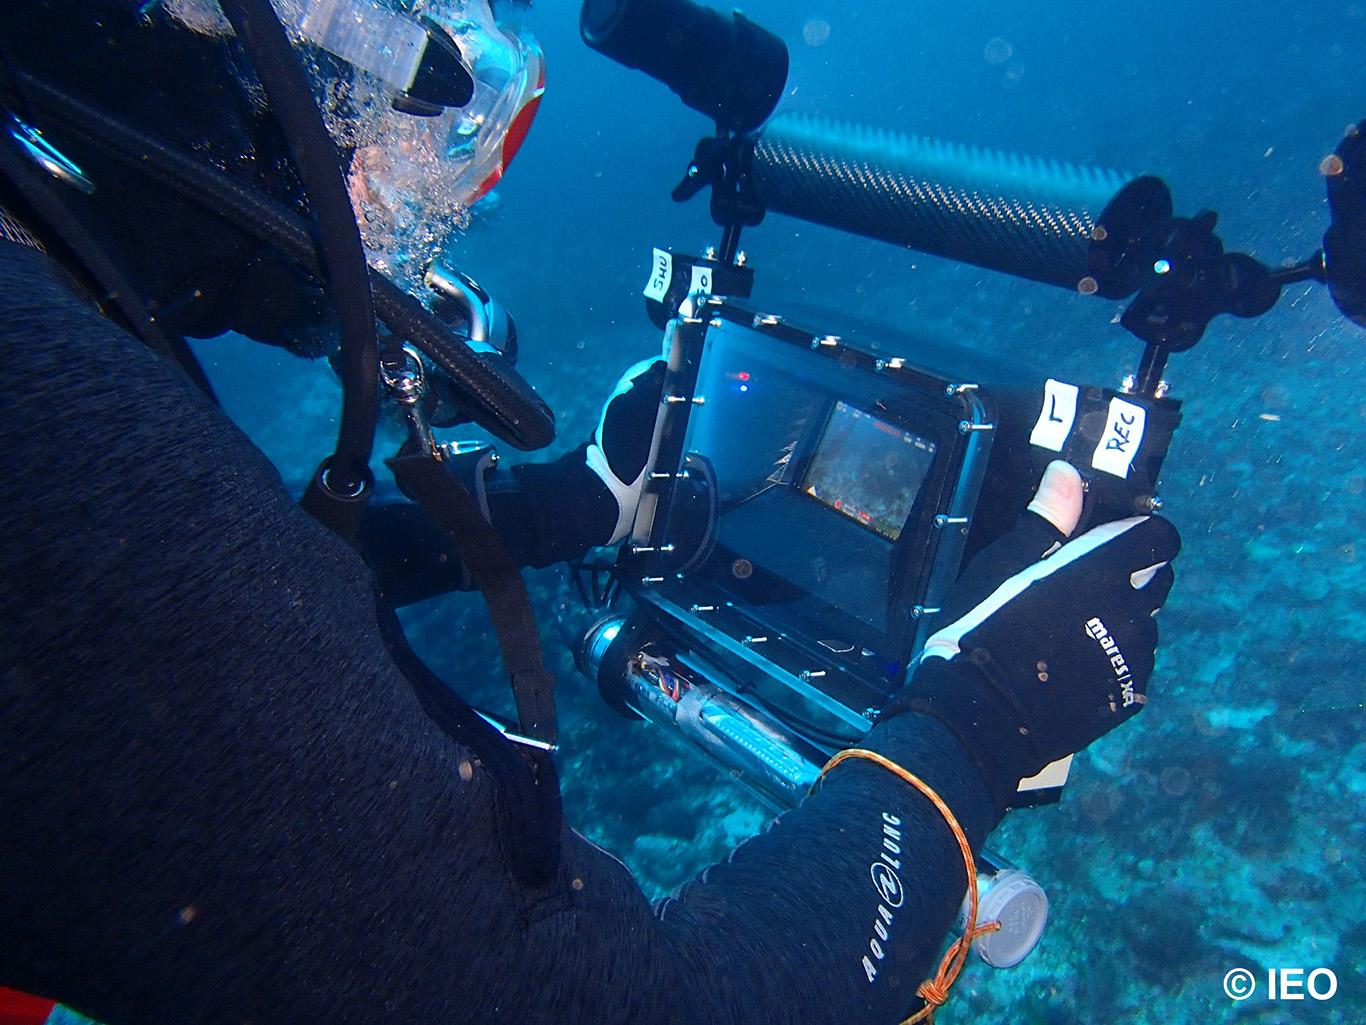 En el trabajo se hanusado sensores ópticos y fuentes de iluminación externa de última generación especialmente adaptadas para fondos marinos. Imagen: IEO